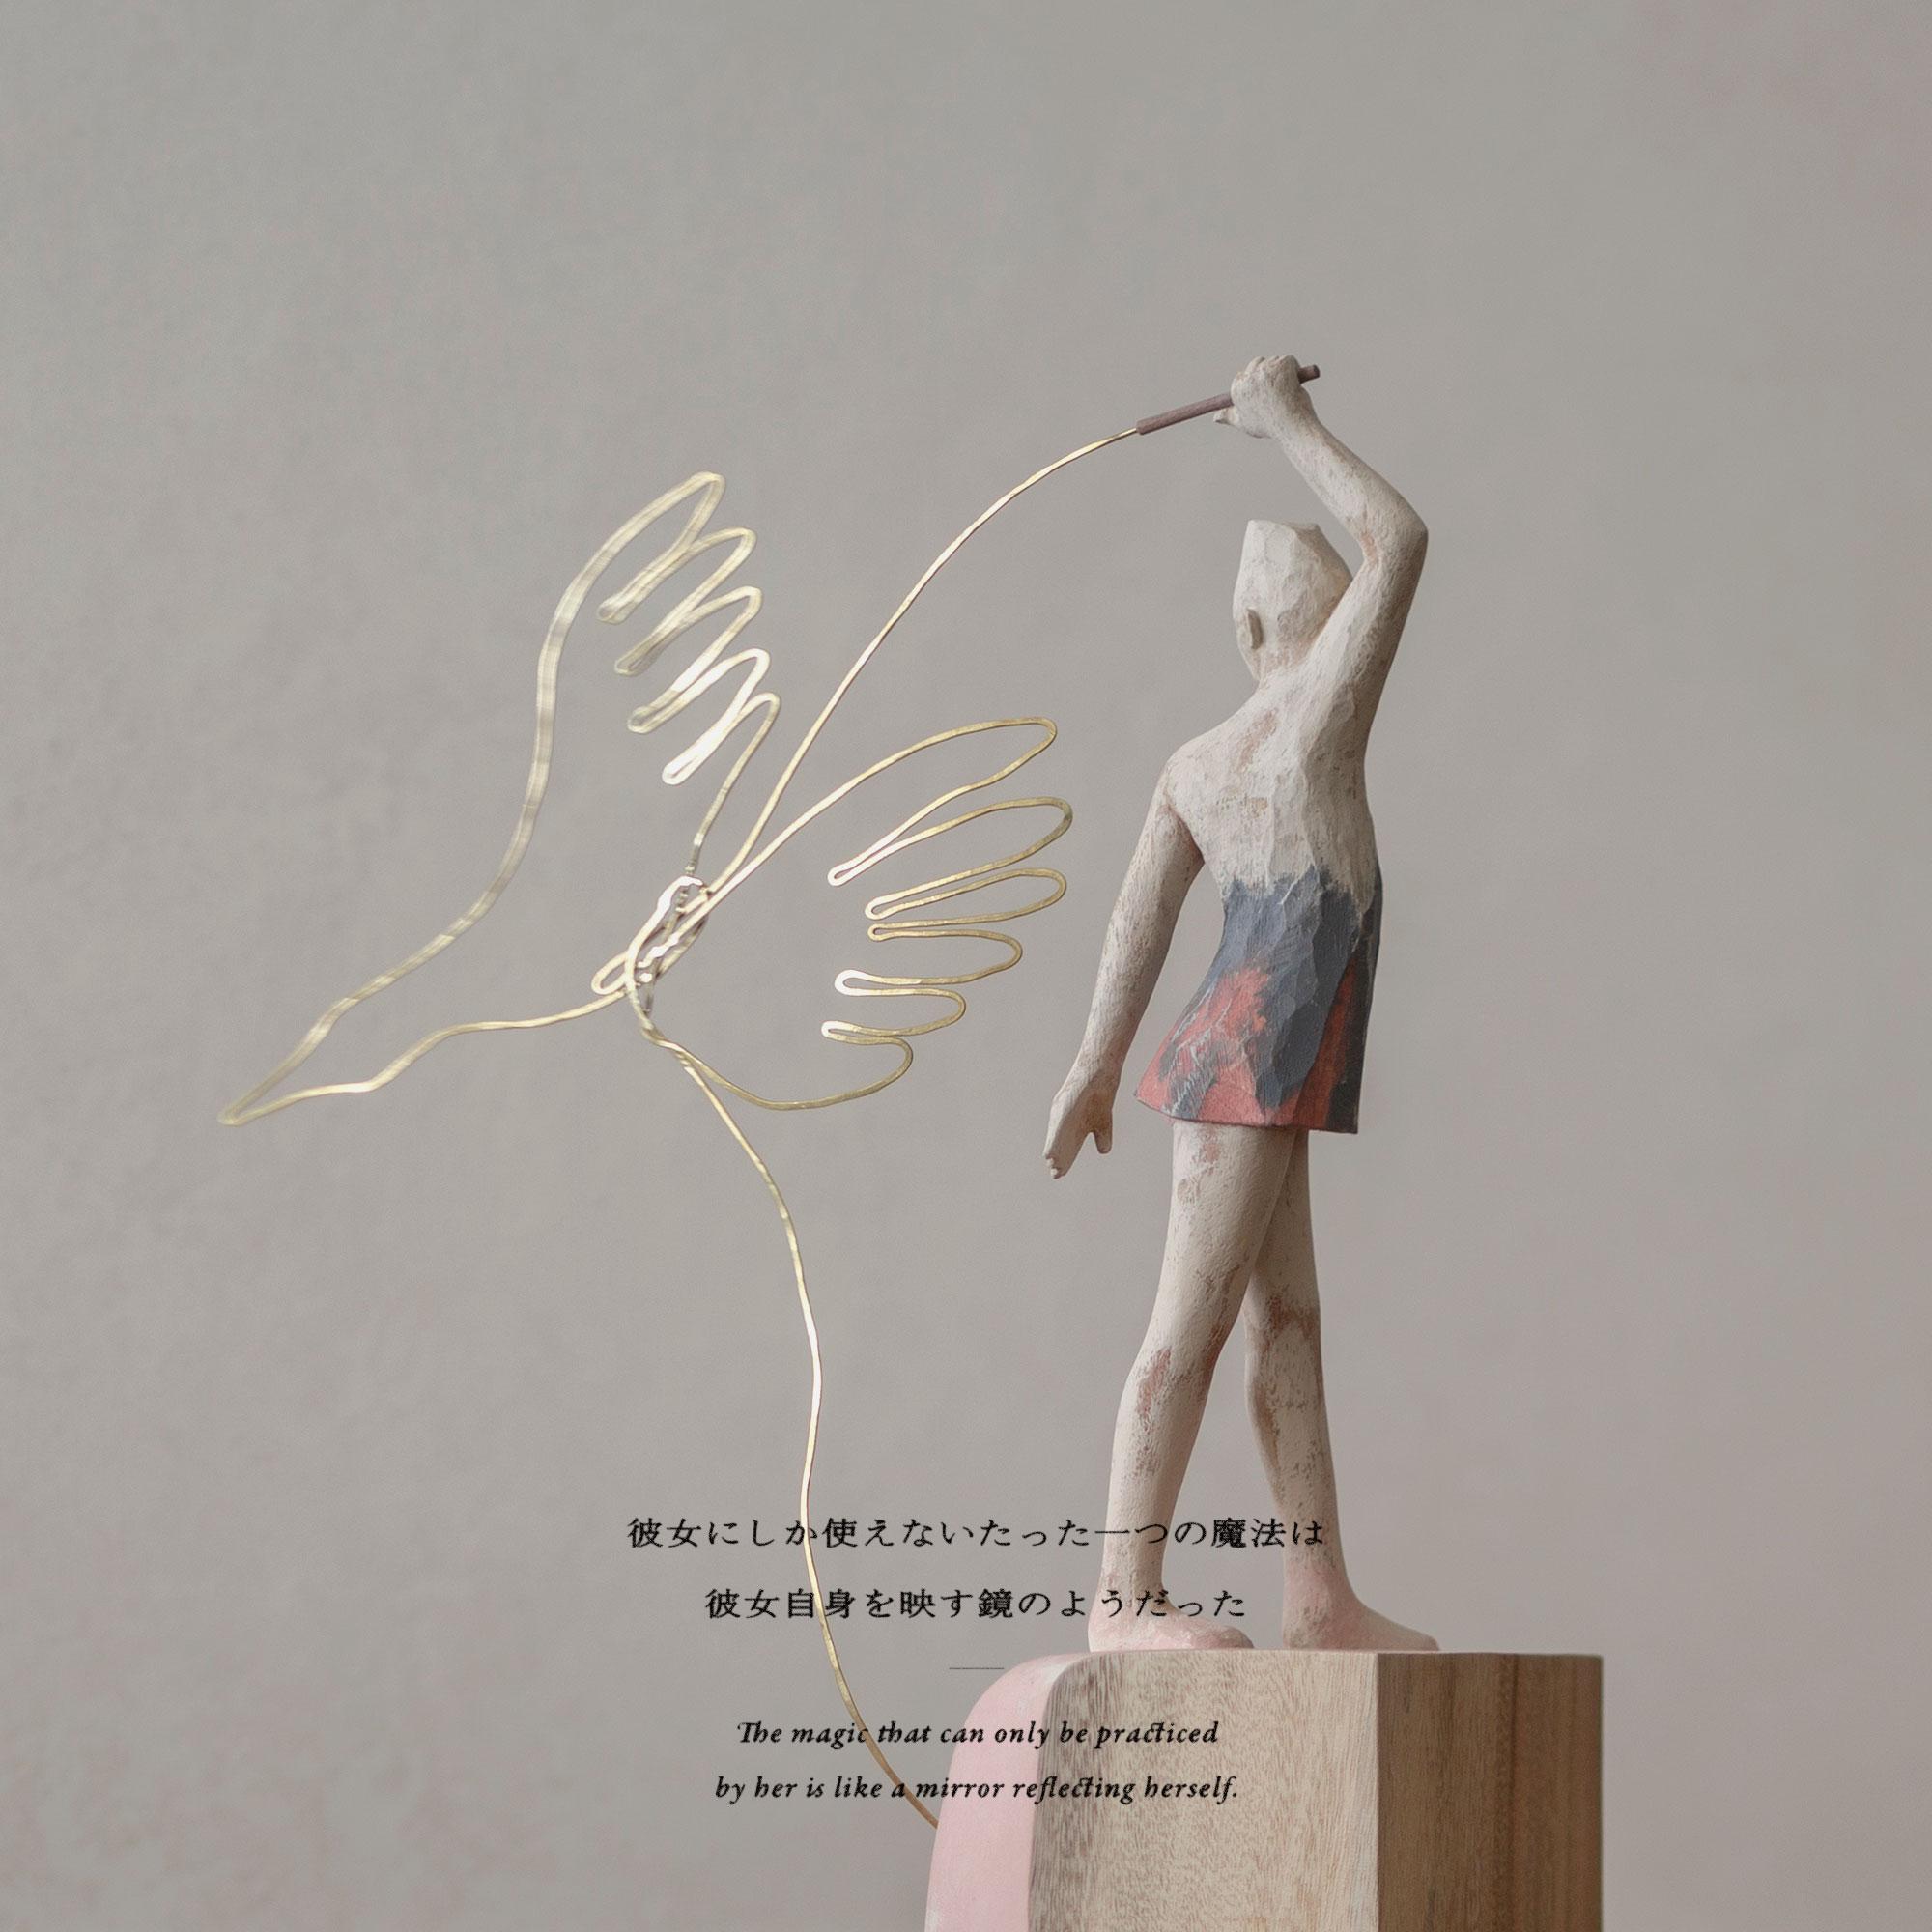 """Yuta NISHIURA """"動 Motion"""" #02 Feb. 2020 「彼女にしか使えないたった一つの魔法は 彼女自身を映す鏡のようだった」"""